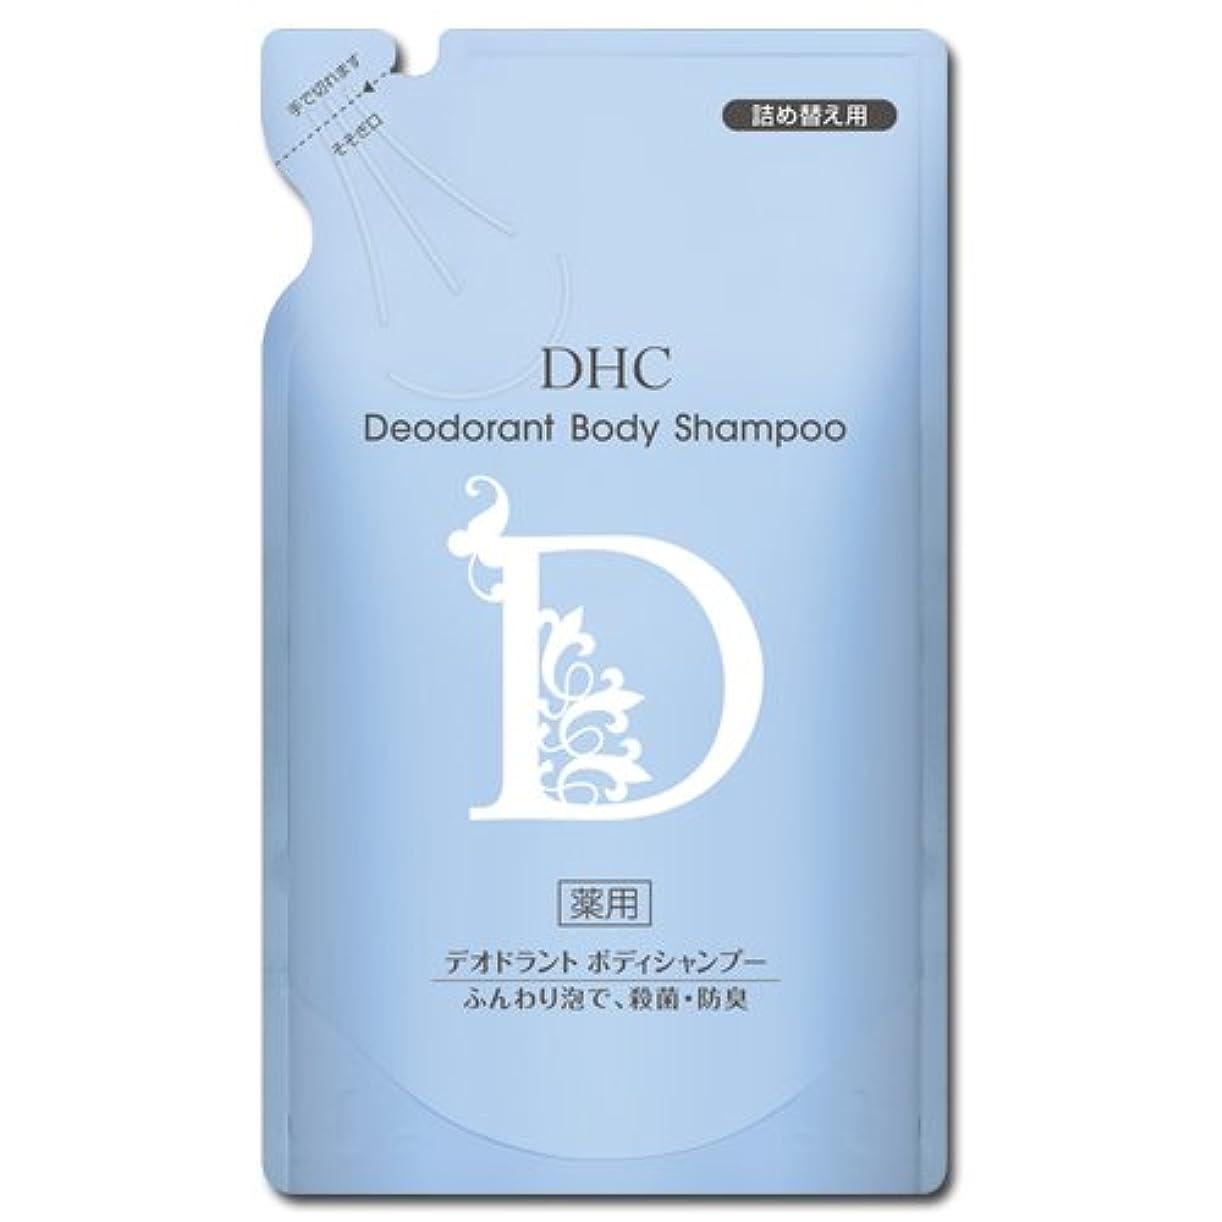 ルアー愛する序文【医薬部外品】DHC薬用デオドラント ボディシャンプー 詰め替え用